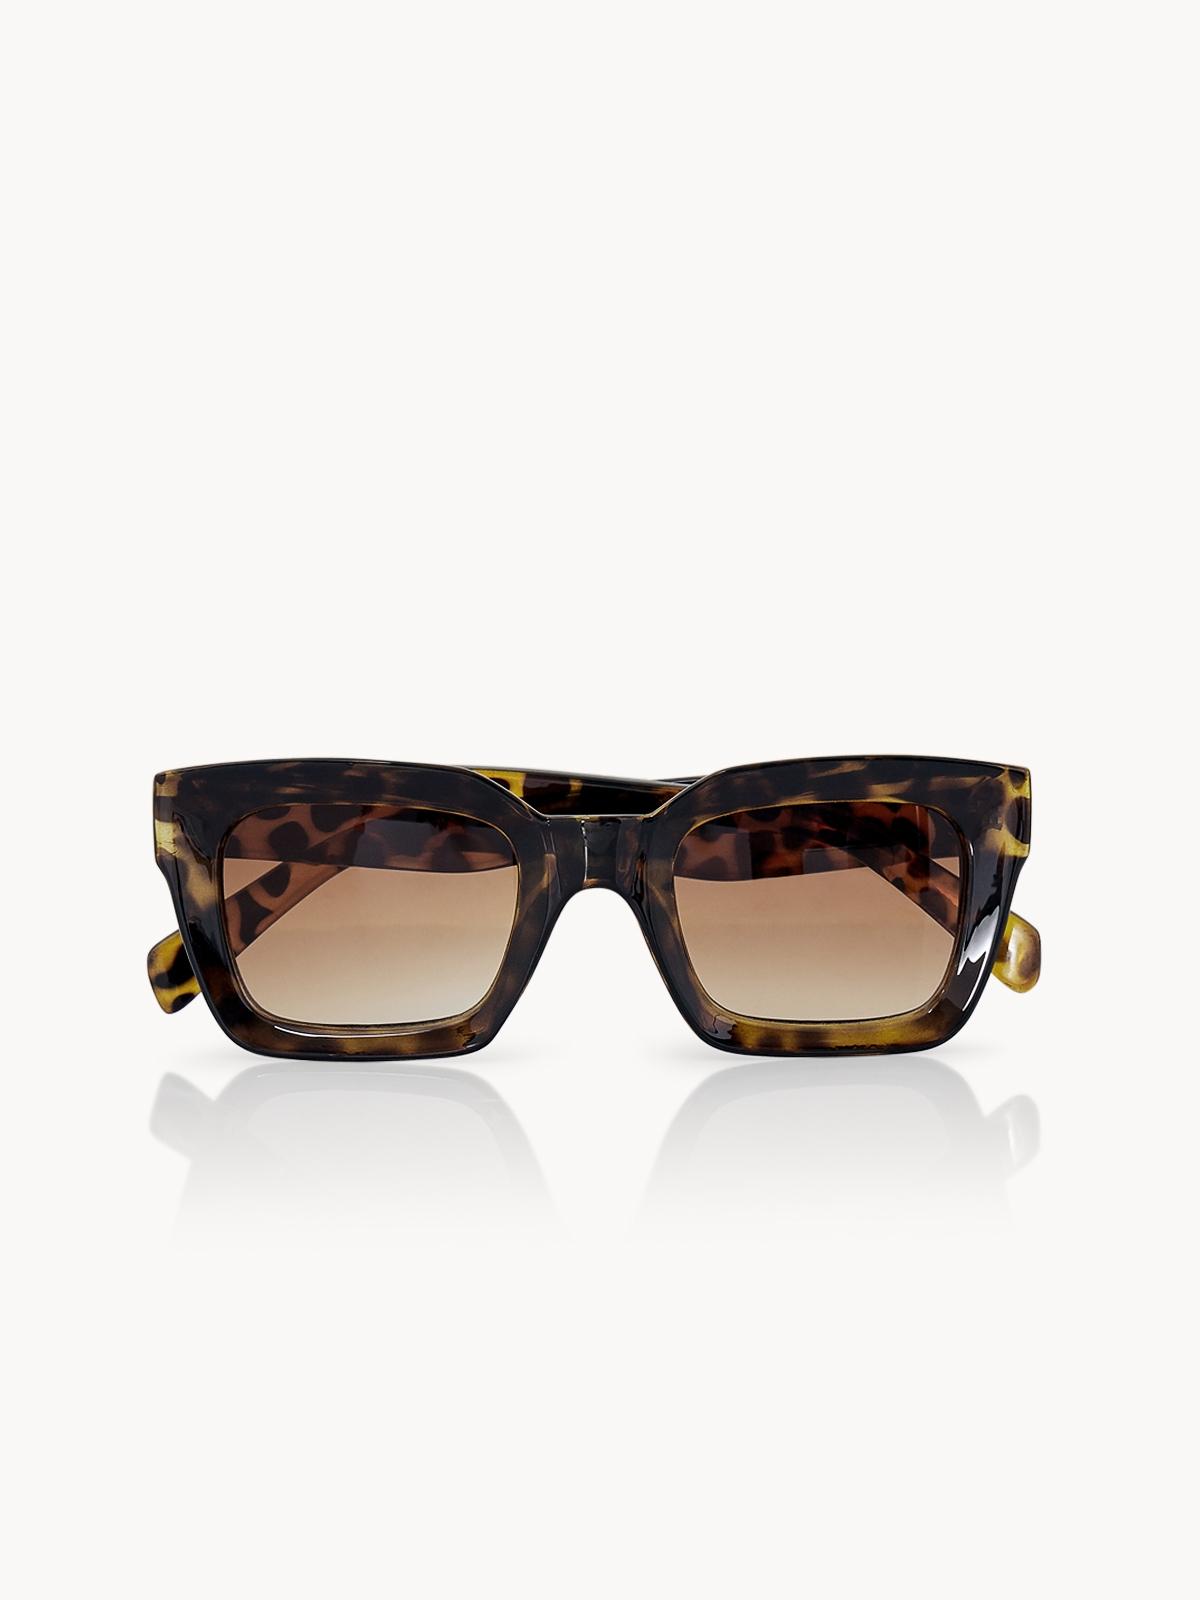 890483539f Sunglasses - Pomelo Fashion